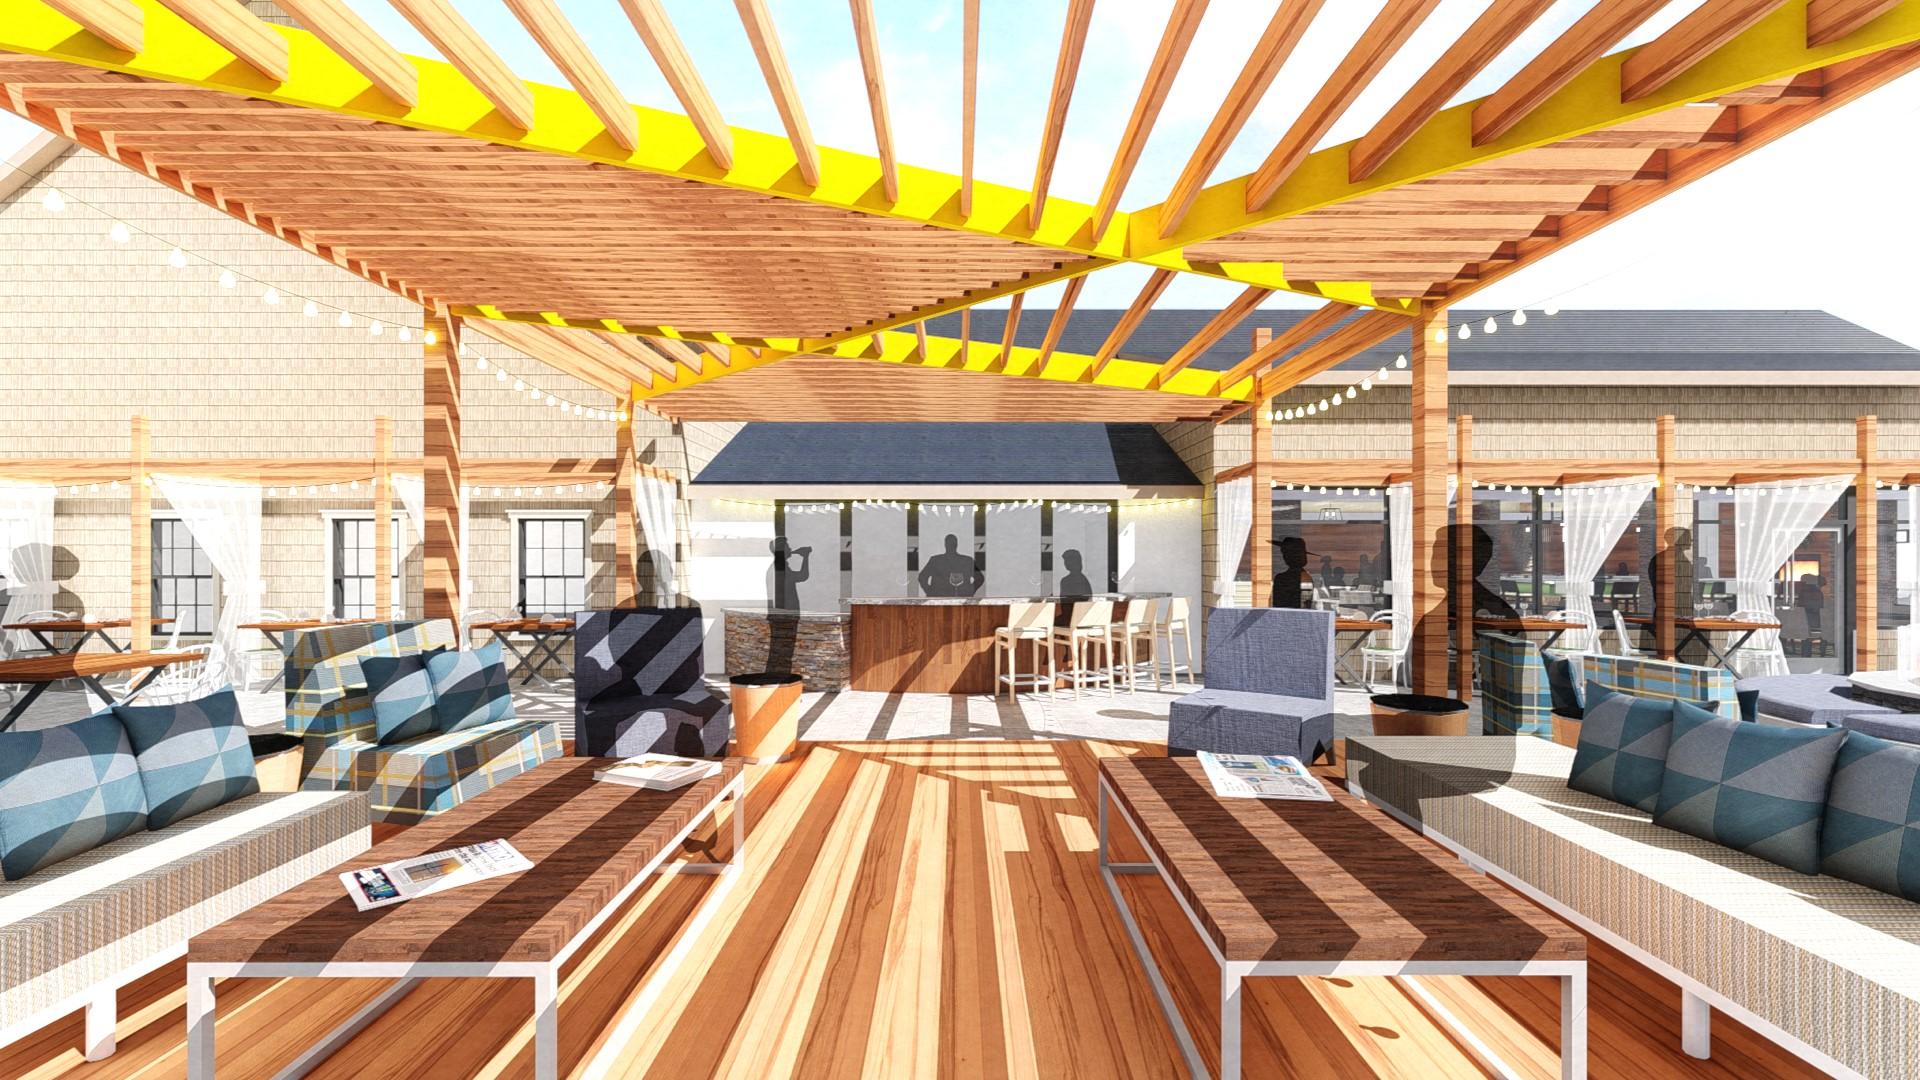 13 - Restaurant Terrace Lounge.jpg